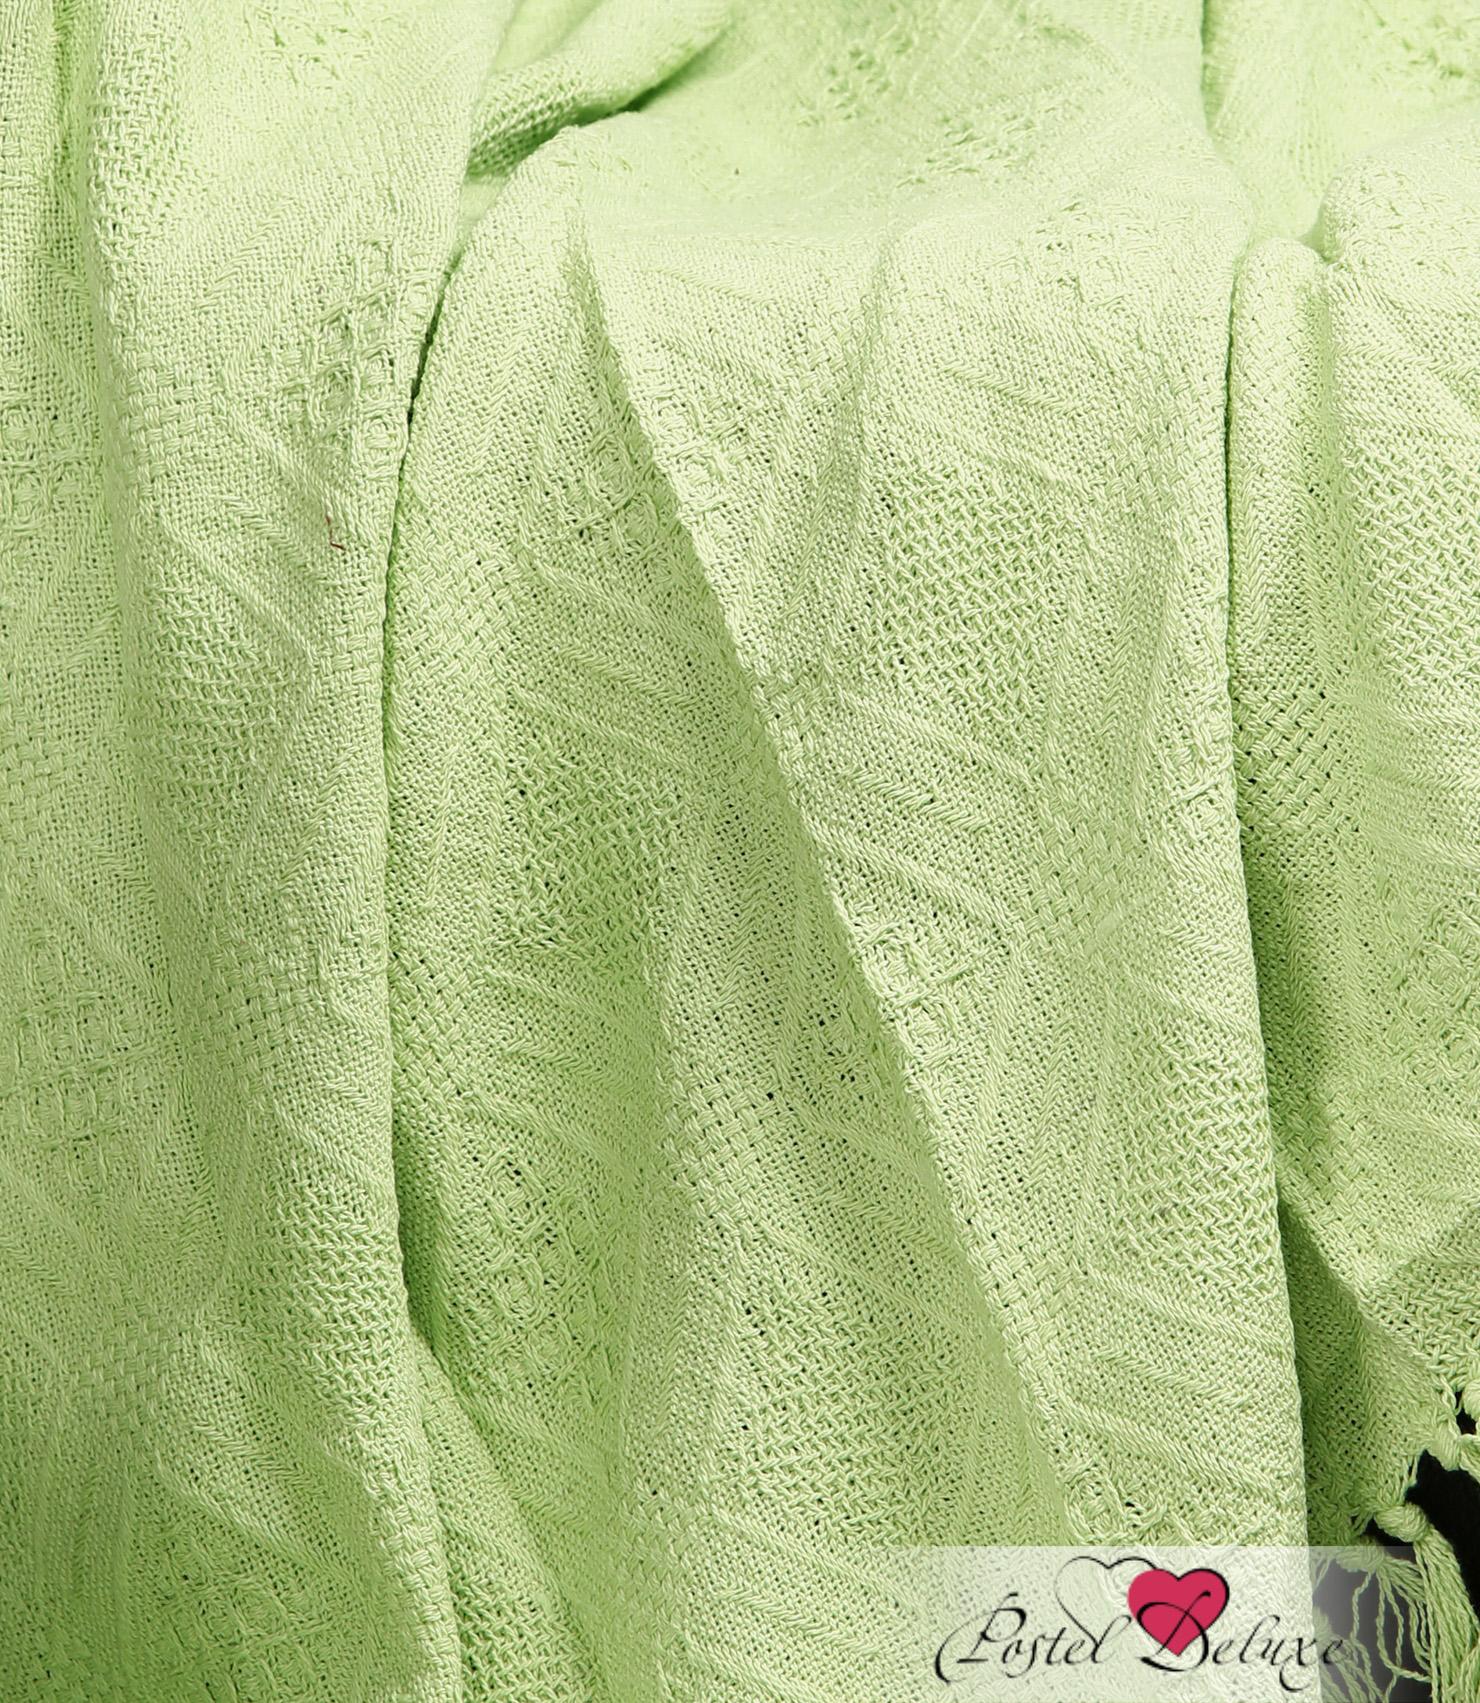 Покрывало Arloni Покрывало Зеленый чай (200х240 см) покрывало arloni пасифик цвет бисквит 200 х 240 см